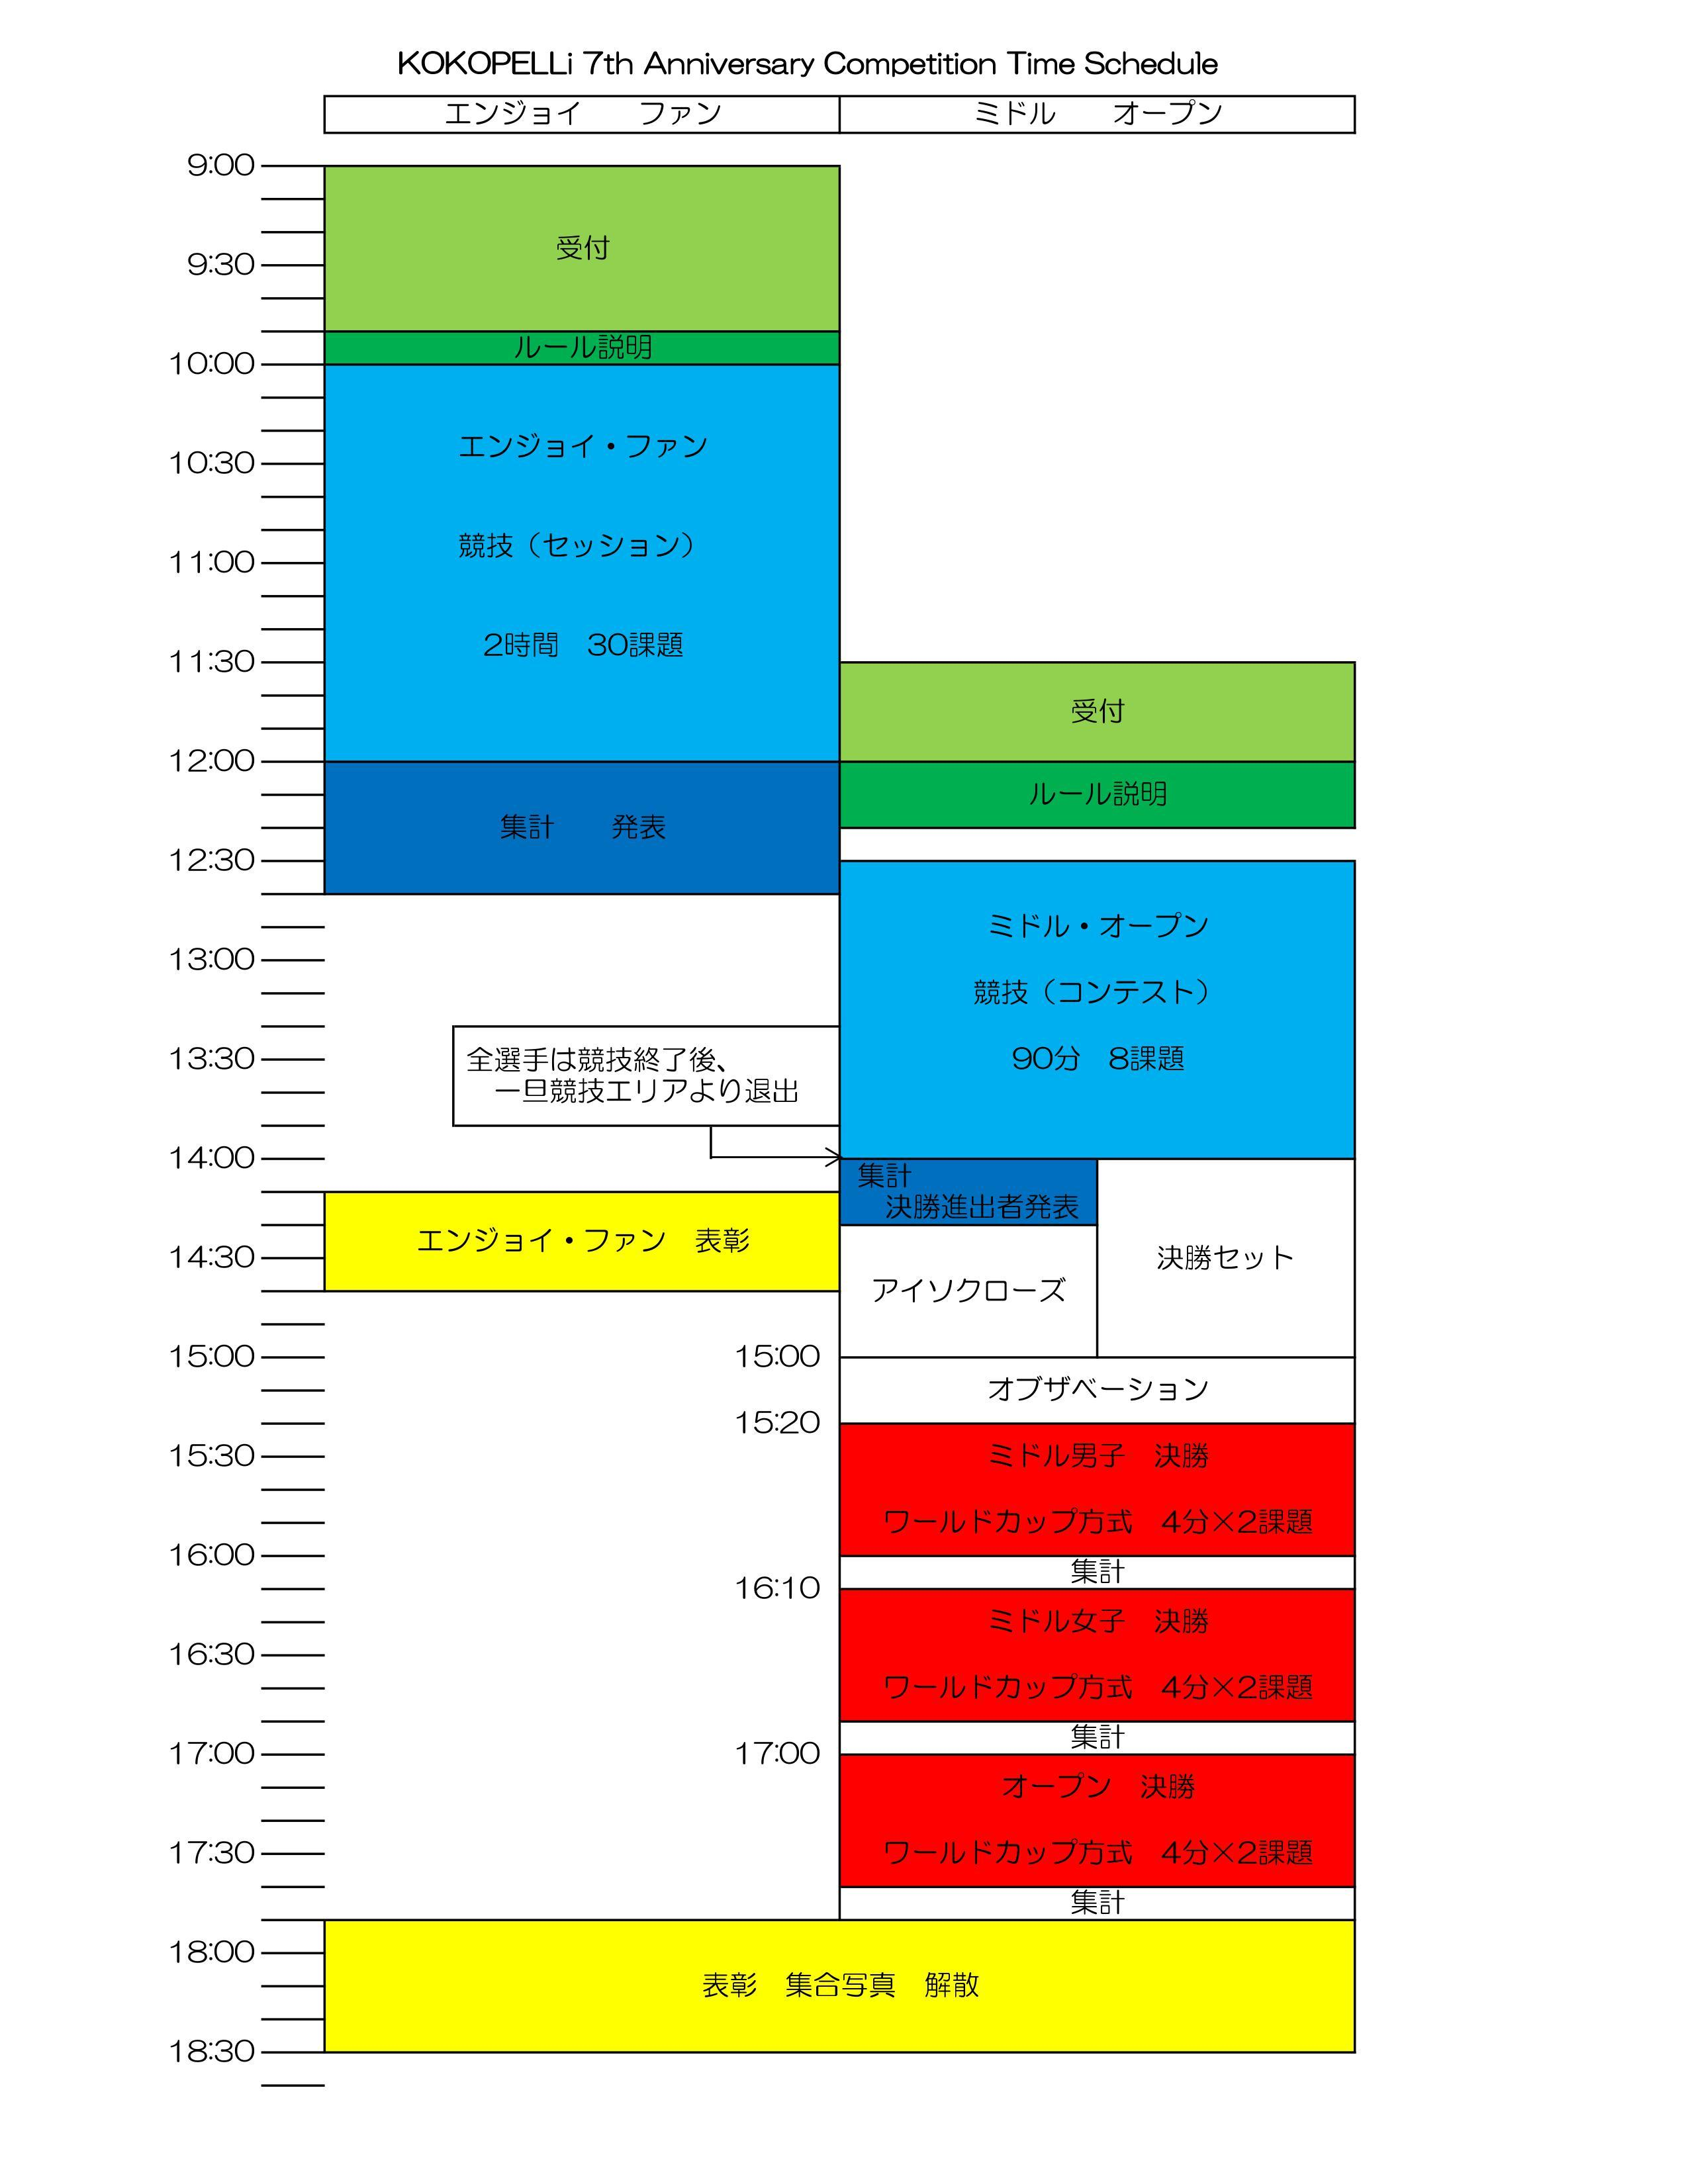 ユースコンペ タイムスケジュールと変更点。_e0293470_21041260.jpg